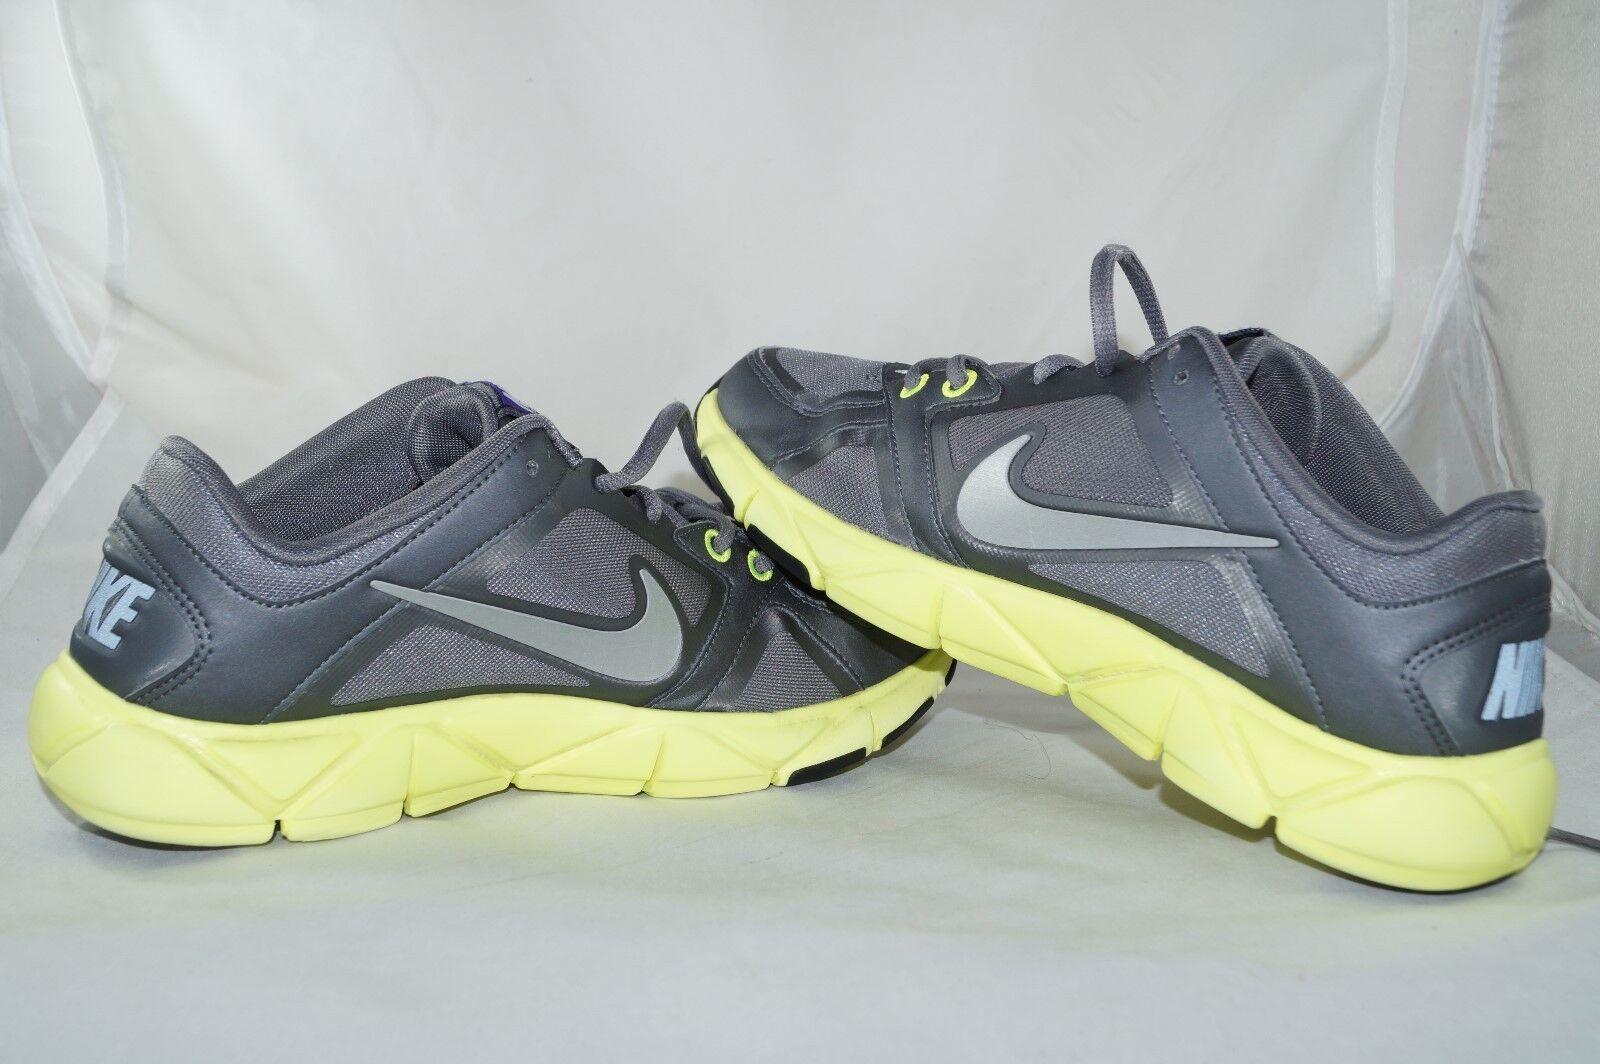 Nike Free XT Quick WMNS Fit + WMNS Quick GR: 38,5 - 37,5 Running Laufschuhe 35e06d